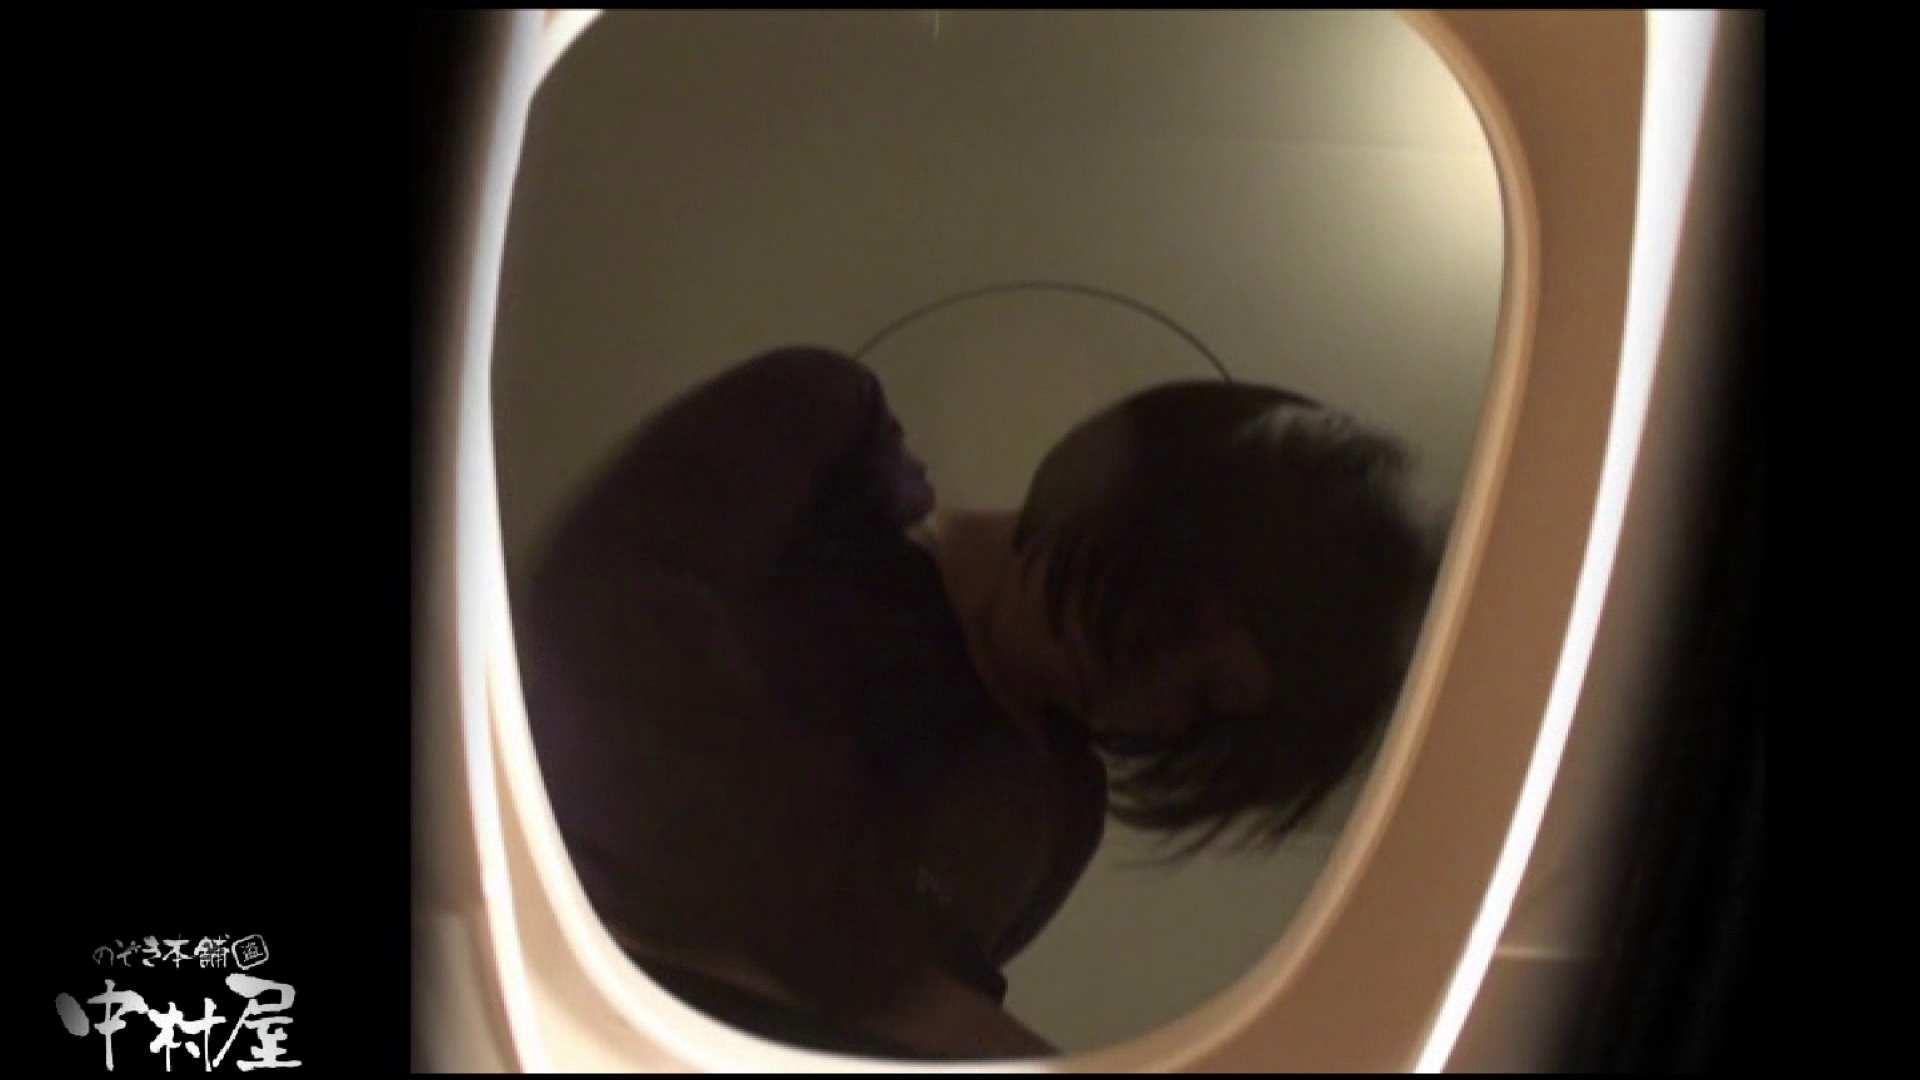 飛び出す黄金水!!!アトレ潜入 かわや盗撮 vol.01 OLセックス 盗撮アダルト動画キャプチャ 87画像 44